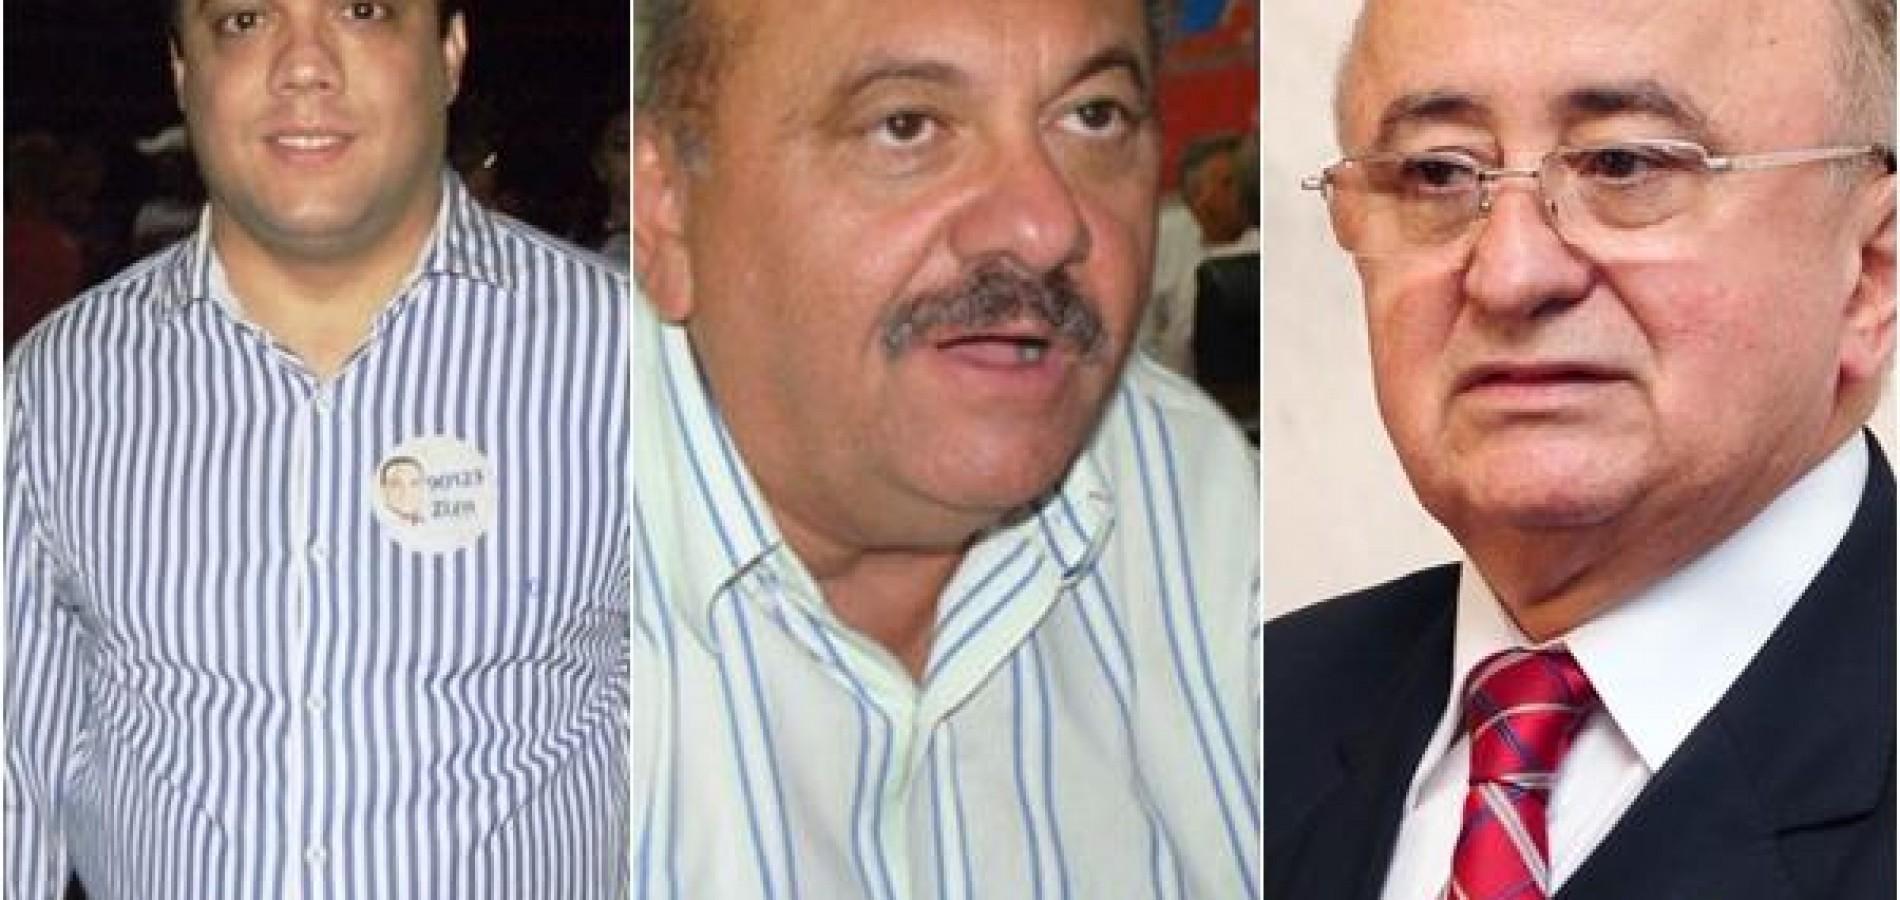 Controle da Secretaria de Defesa Civil é disputado por três grupos políticos